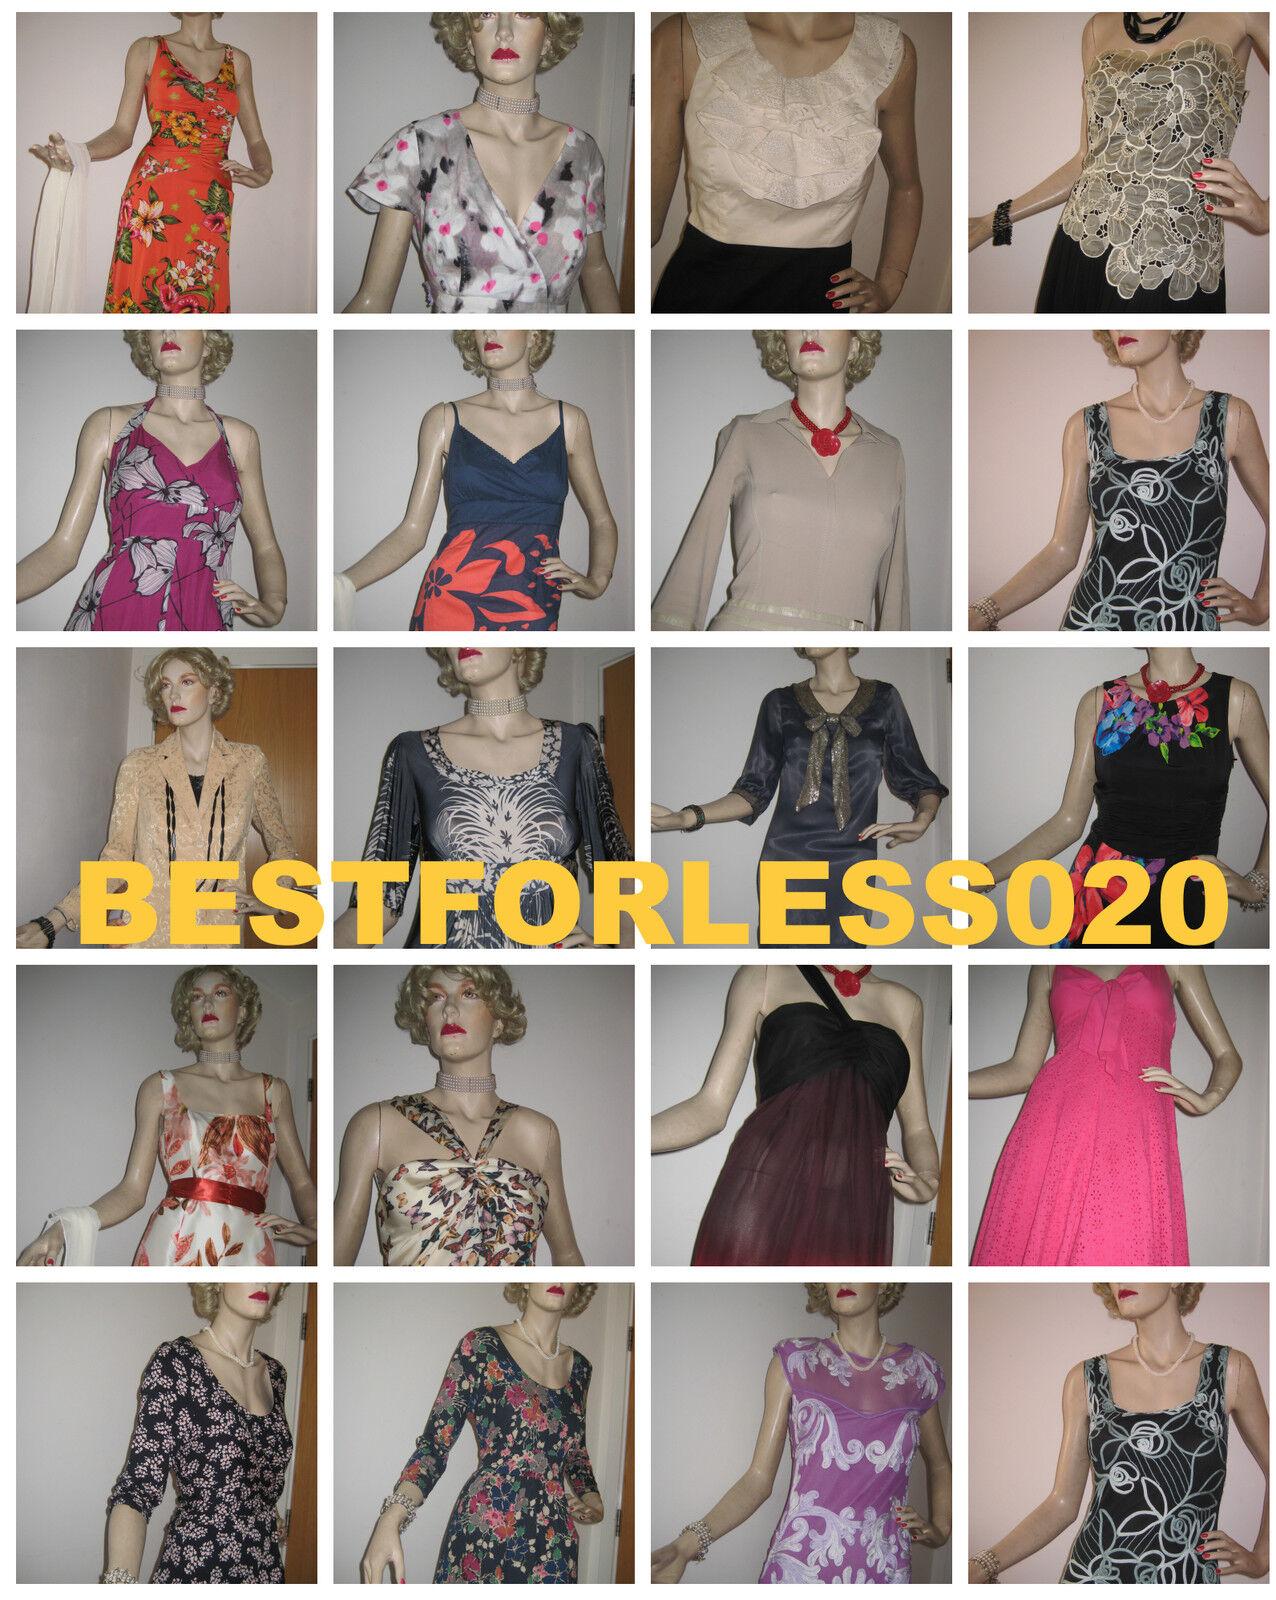 bestforless020